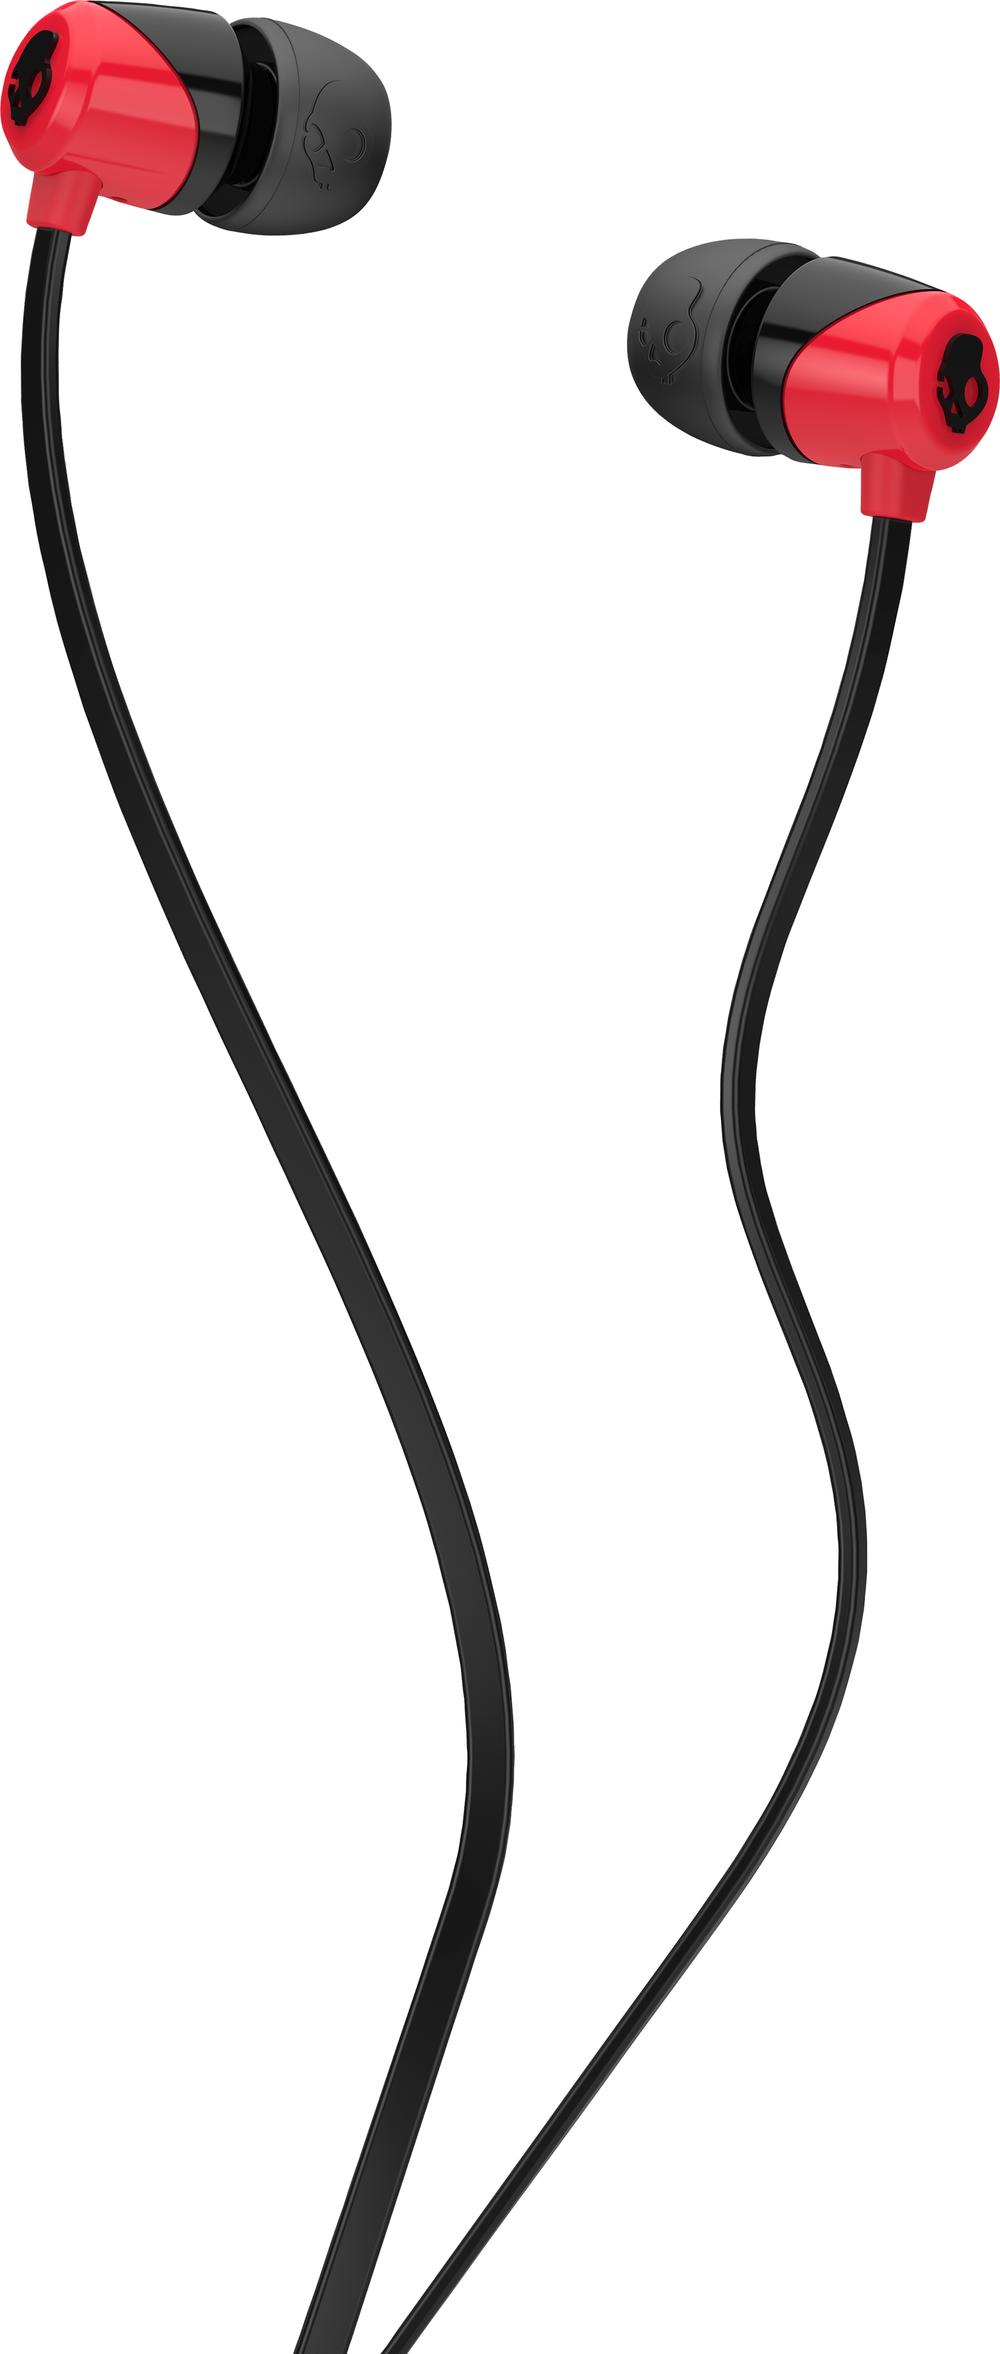 Skullcandy JIB Earbuds